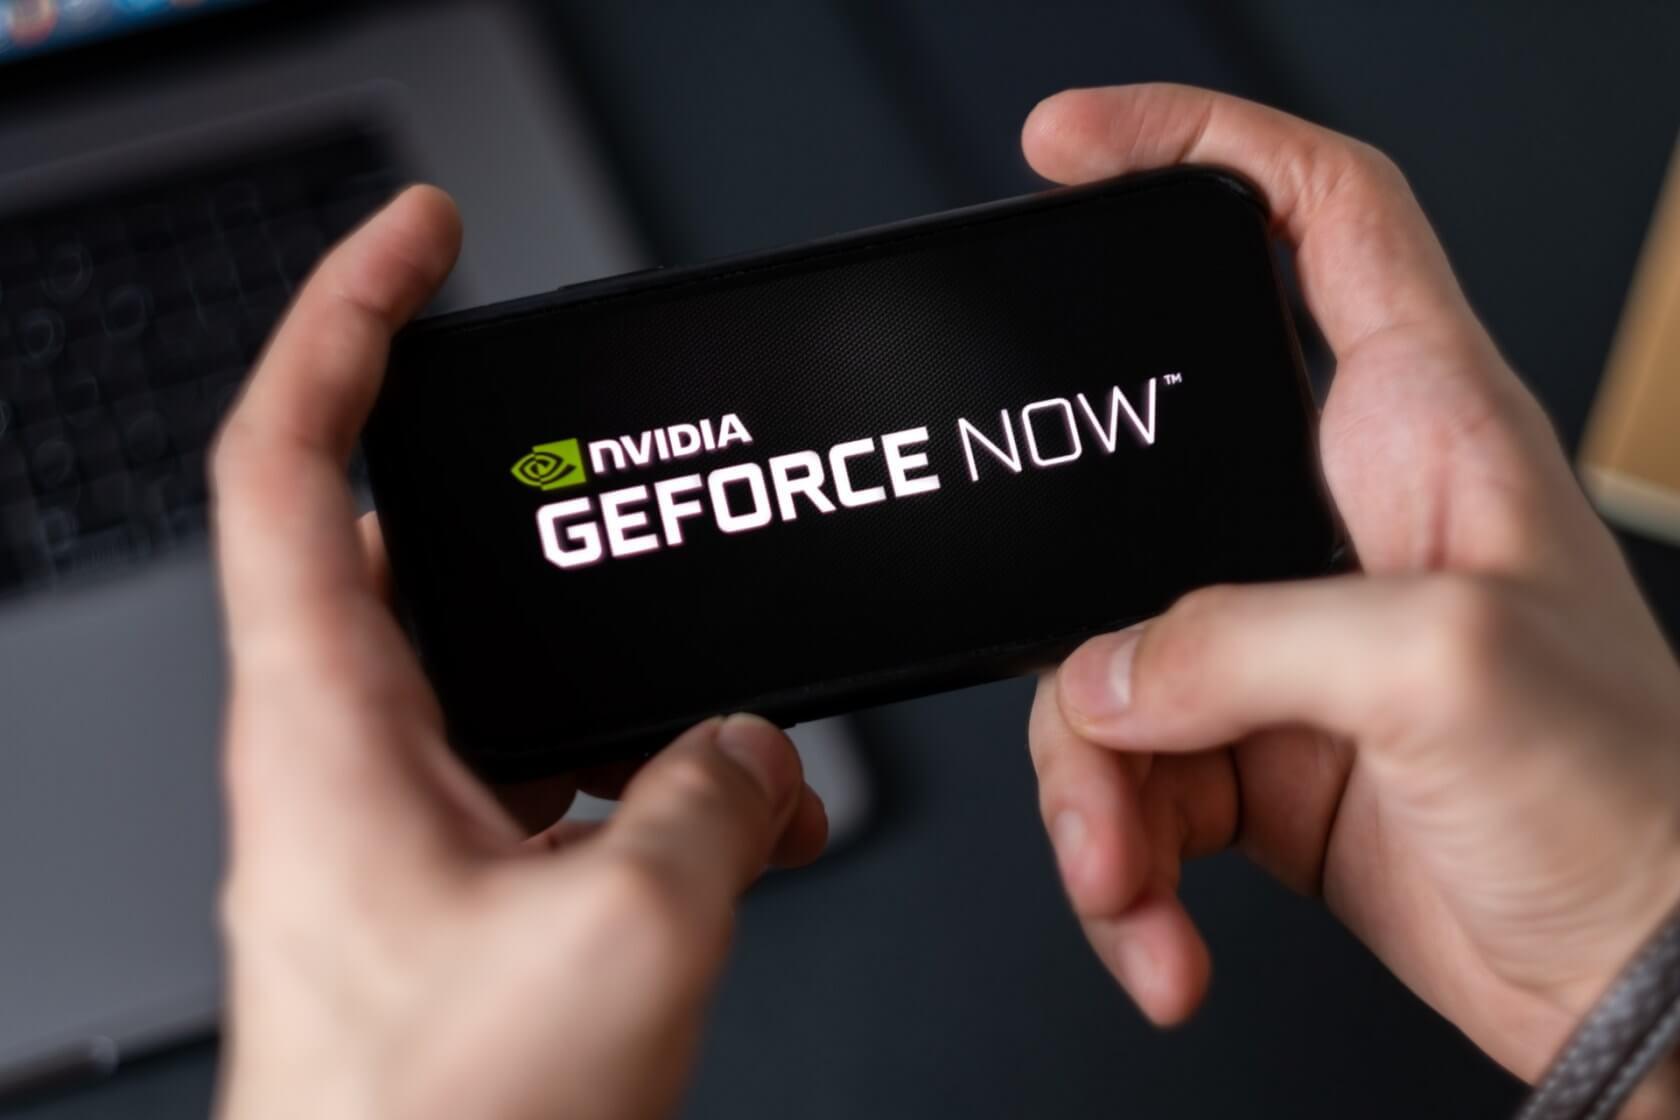 نسخه مبتنی بر وب سرویس GeForce Now معرفی شد